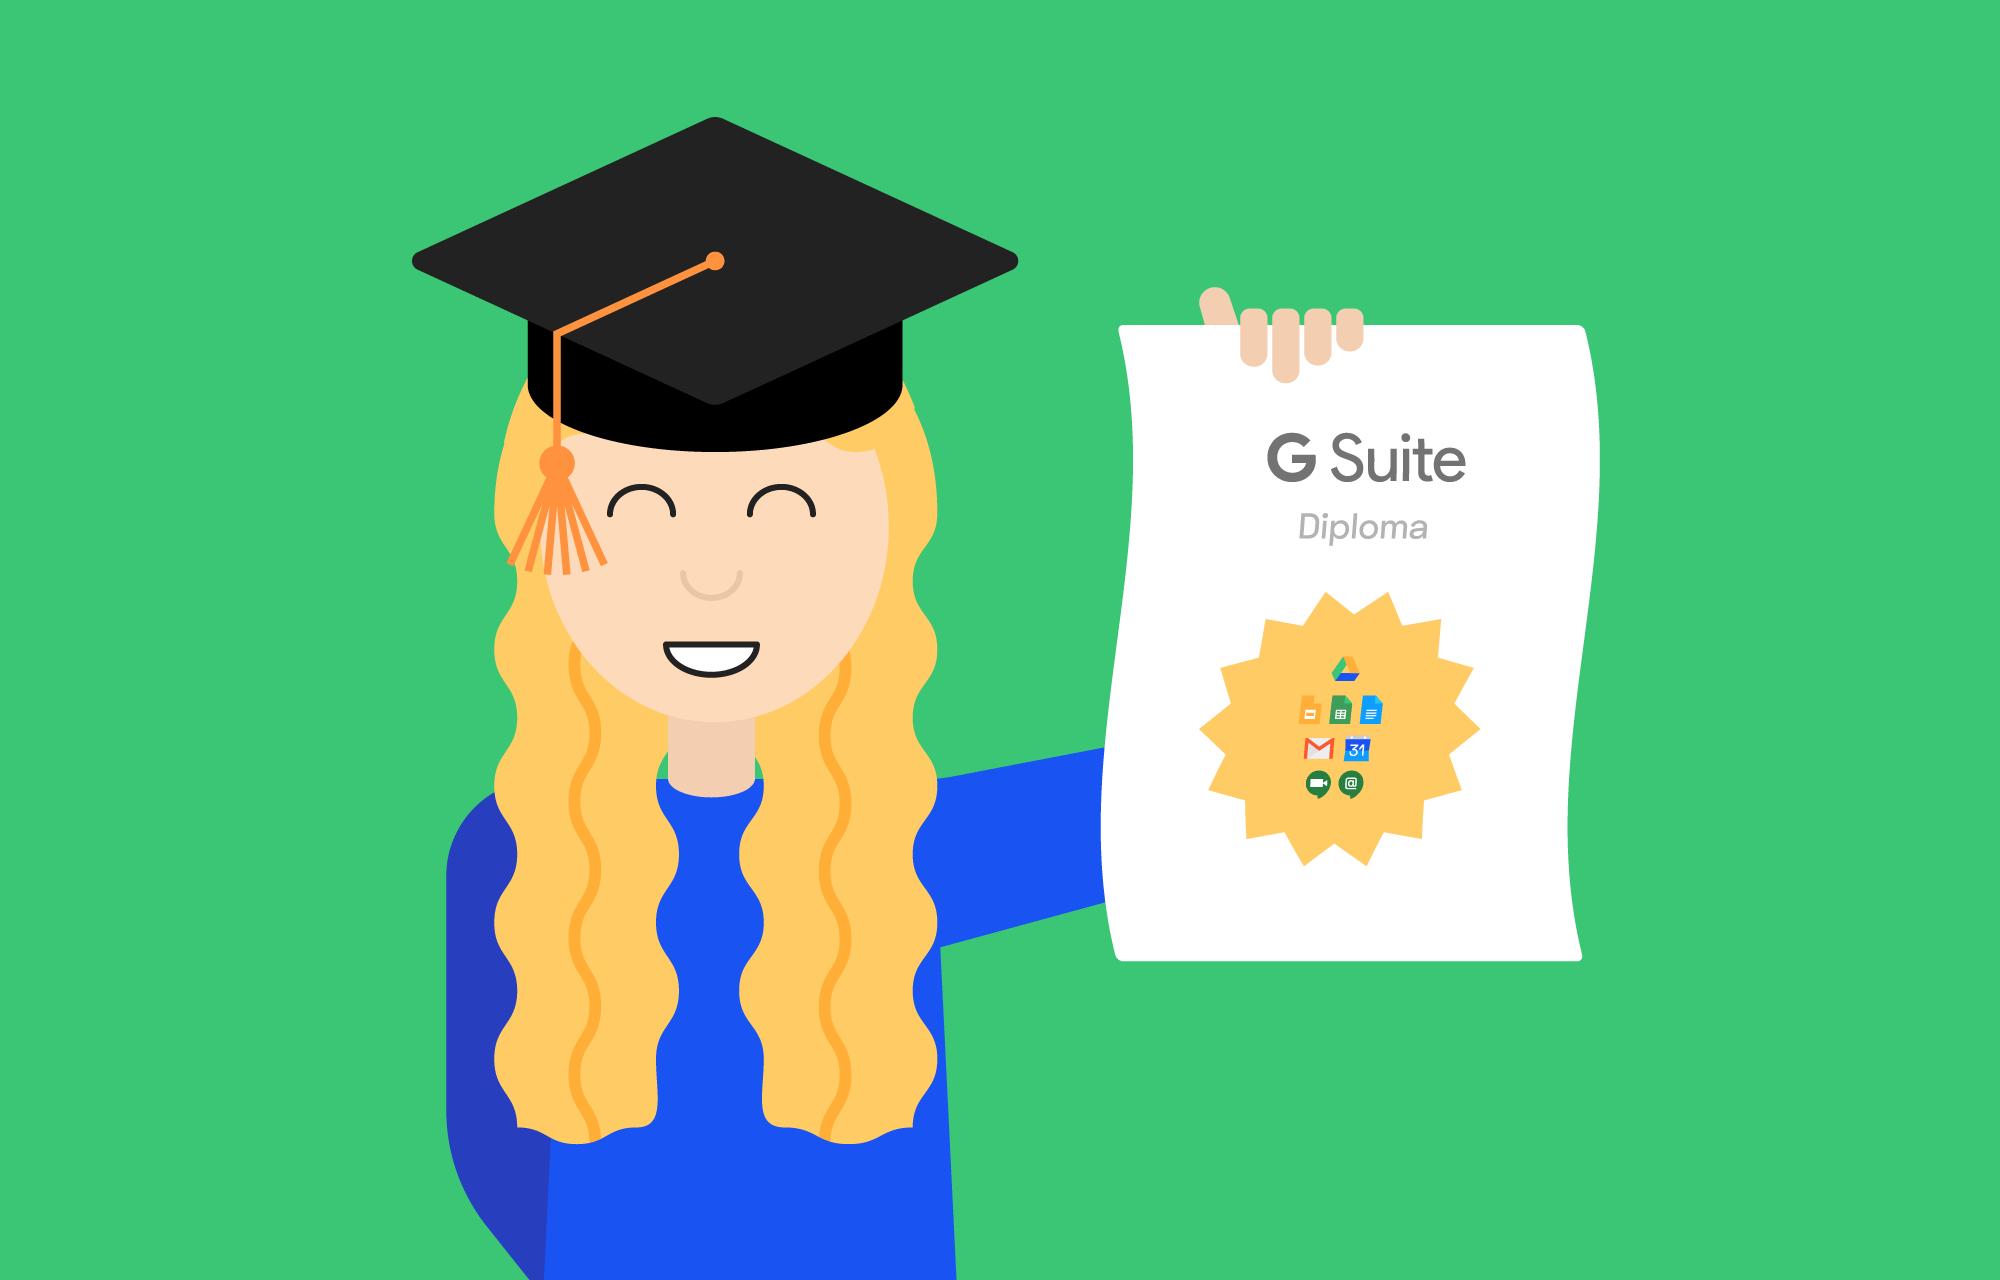 Kvinnelig student holder opp diplom for bestått G Suite-kurs.